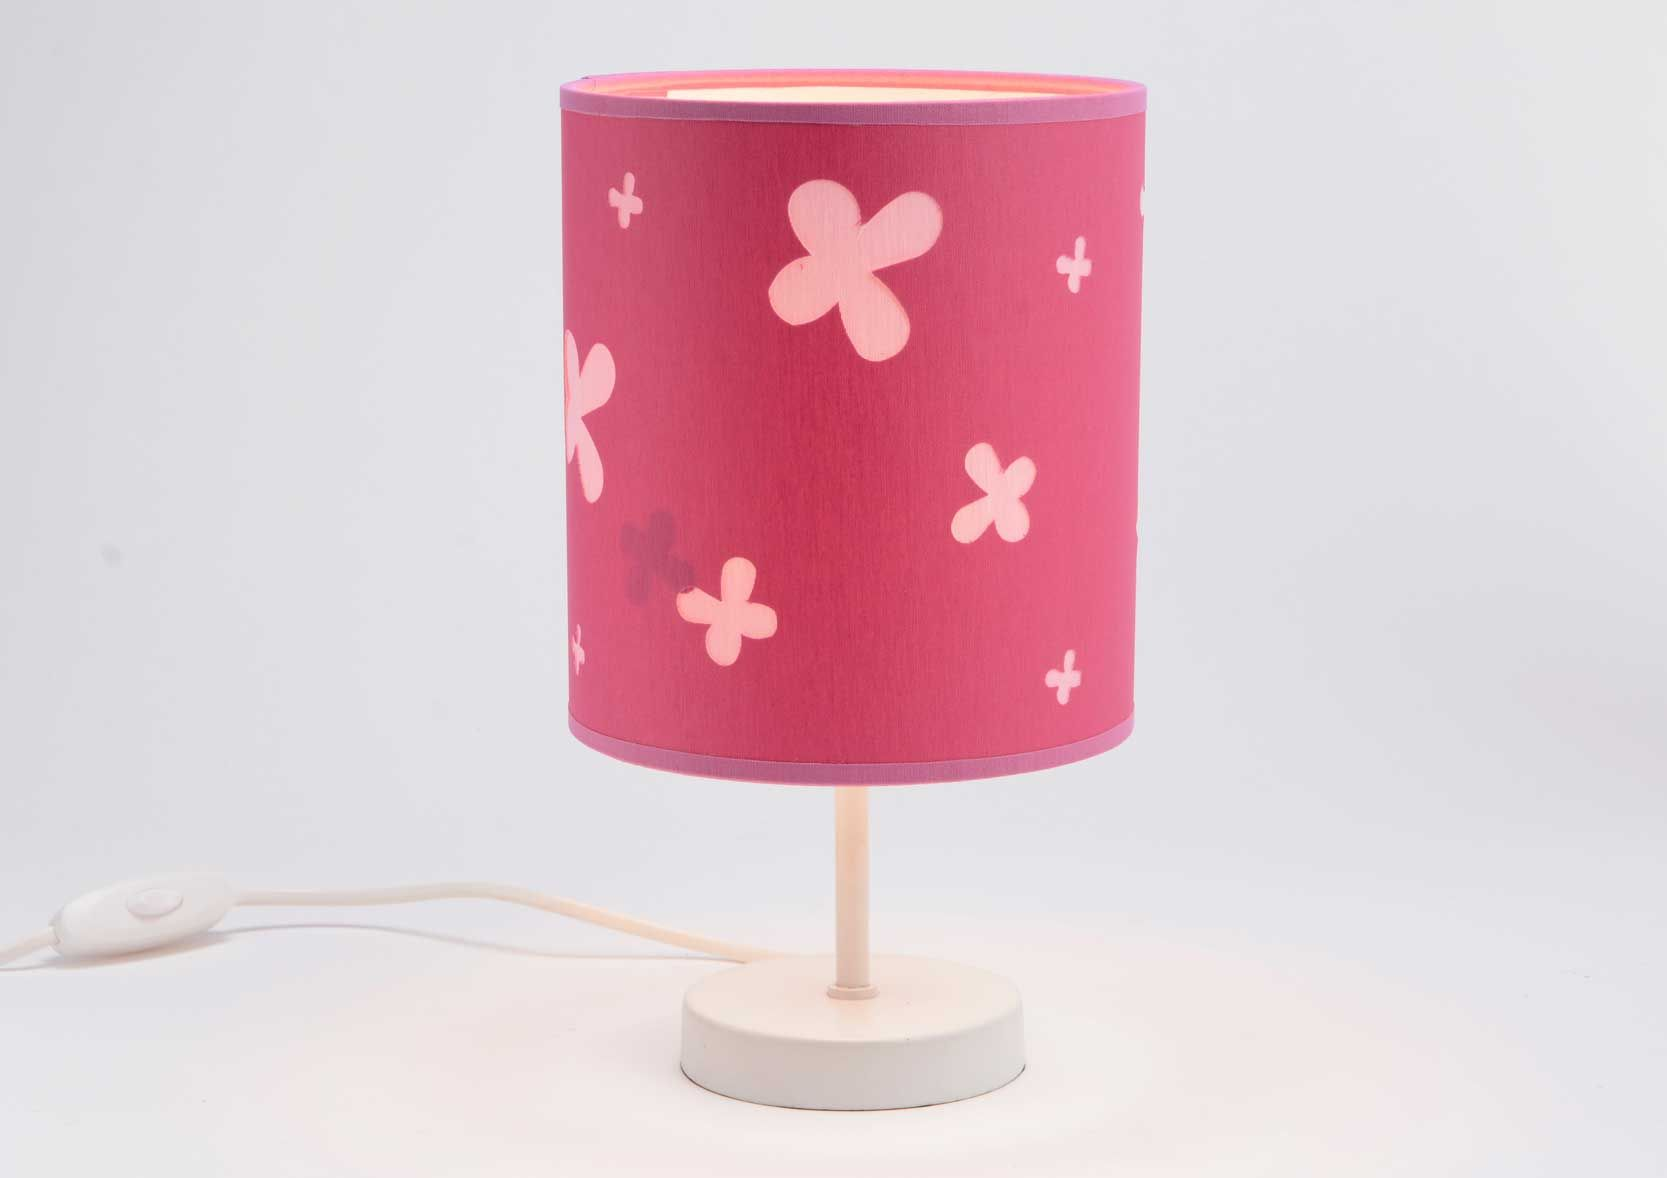 Lampe Colonne Fleurs - Lampe Sur Pied Fleur - Voog.info